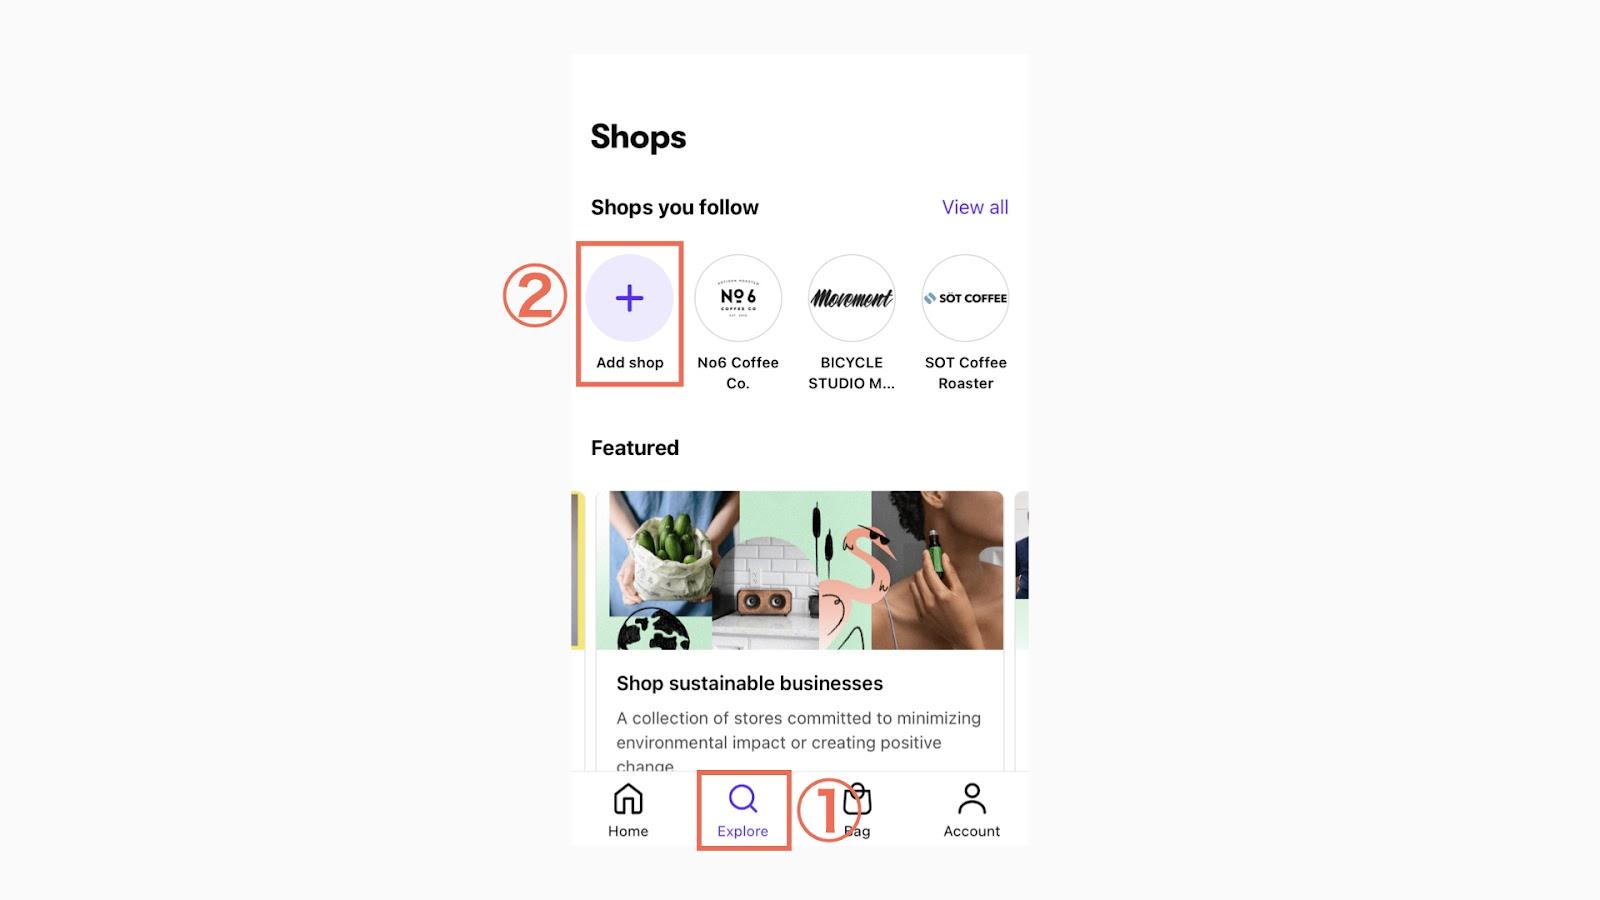 Shop Payの登録が完了したら、「Explore > Add shop」をタップして好みのブランドをフォローします。